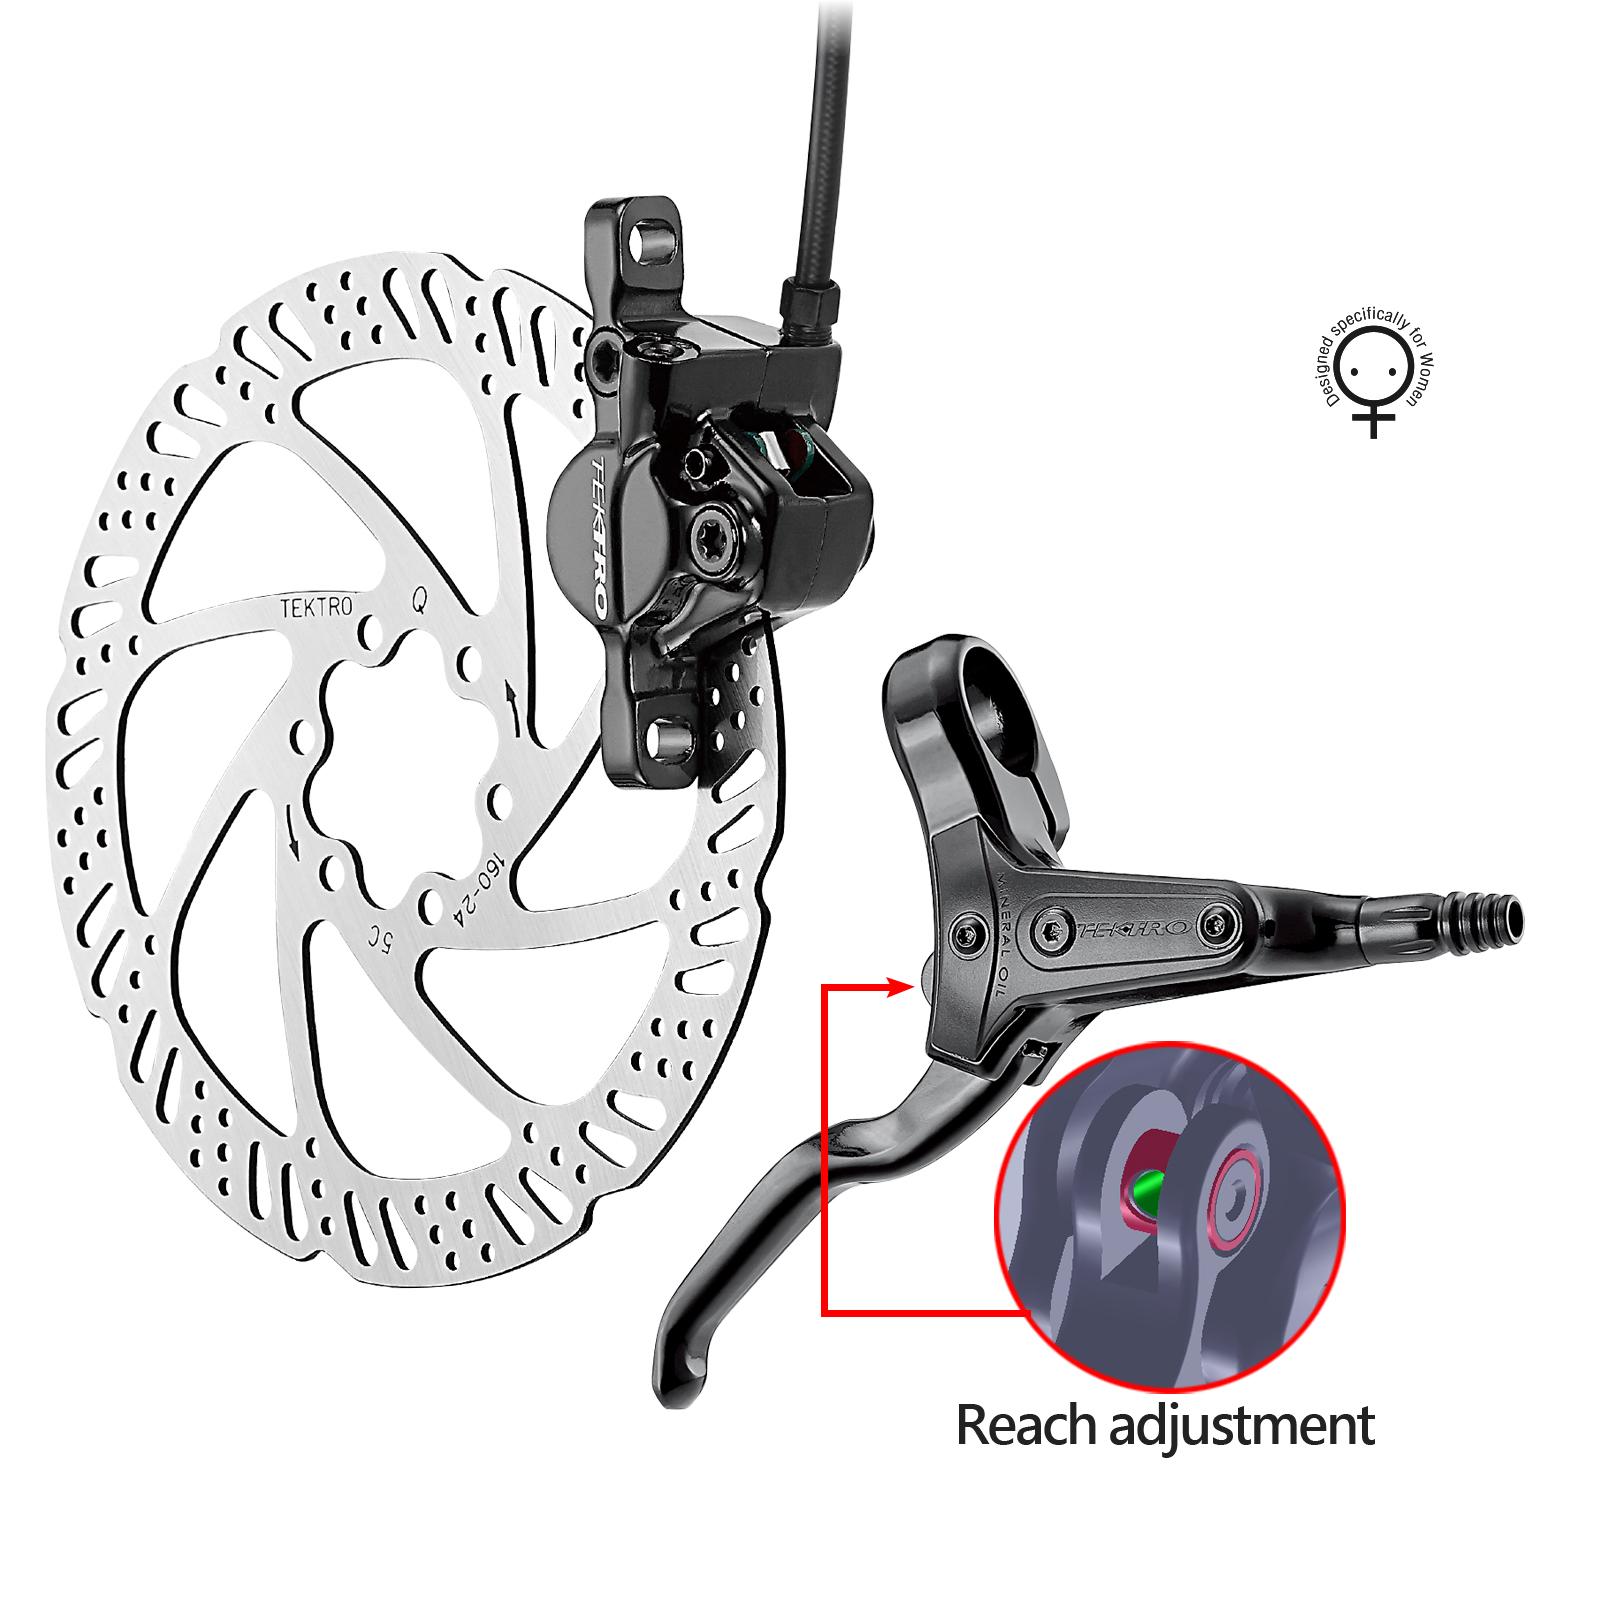 ดิสเบรคน้ำมัน Tektro HD-M285 Hydraulic Disc Brake (หน้า หรือ หลัง) มือเบรค+คาลิเปอร์+ใบดิสเบรค+สาย